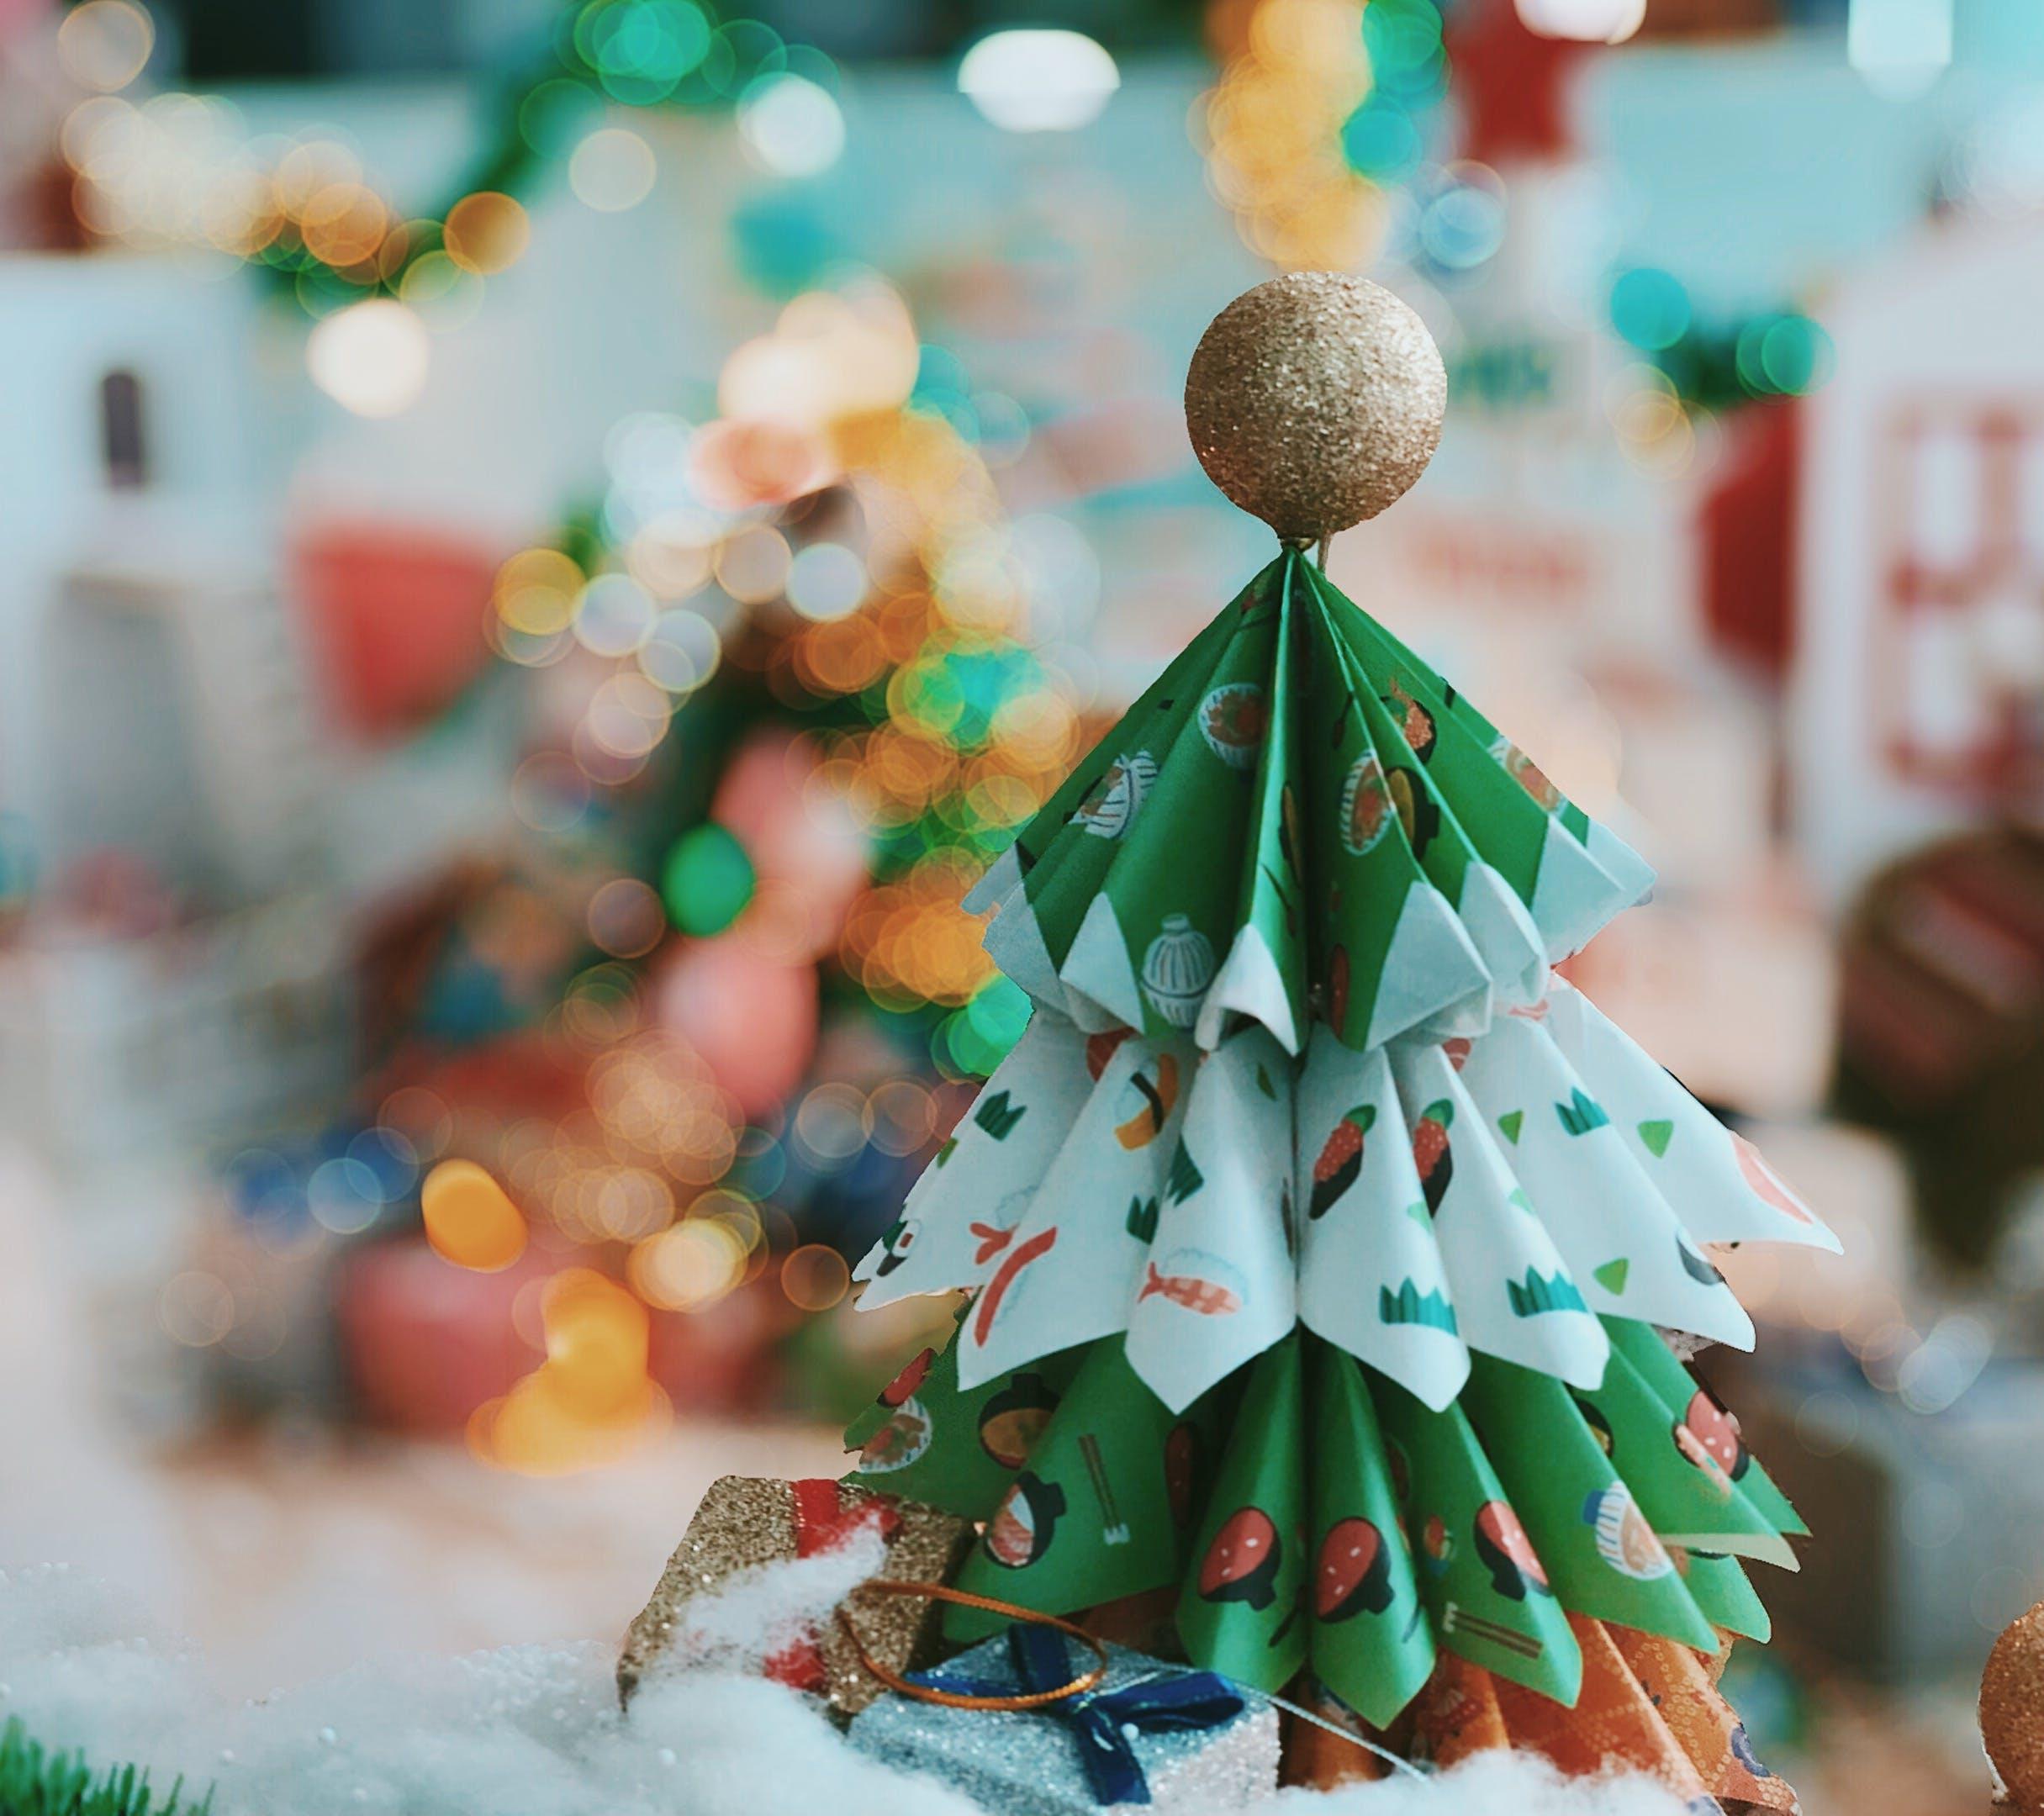 Δωρεάν στοκ φωτογραφιών με origami, χειροποίητος, Χριστούγεννα, χριστουγεννιάτικο δέντρο